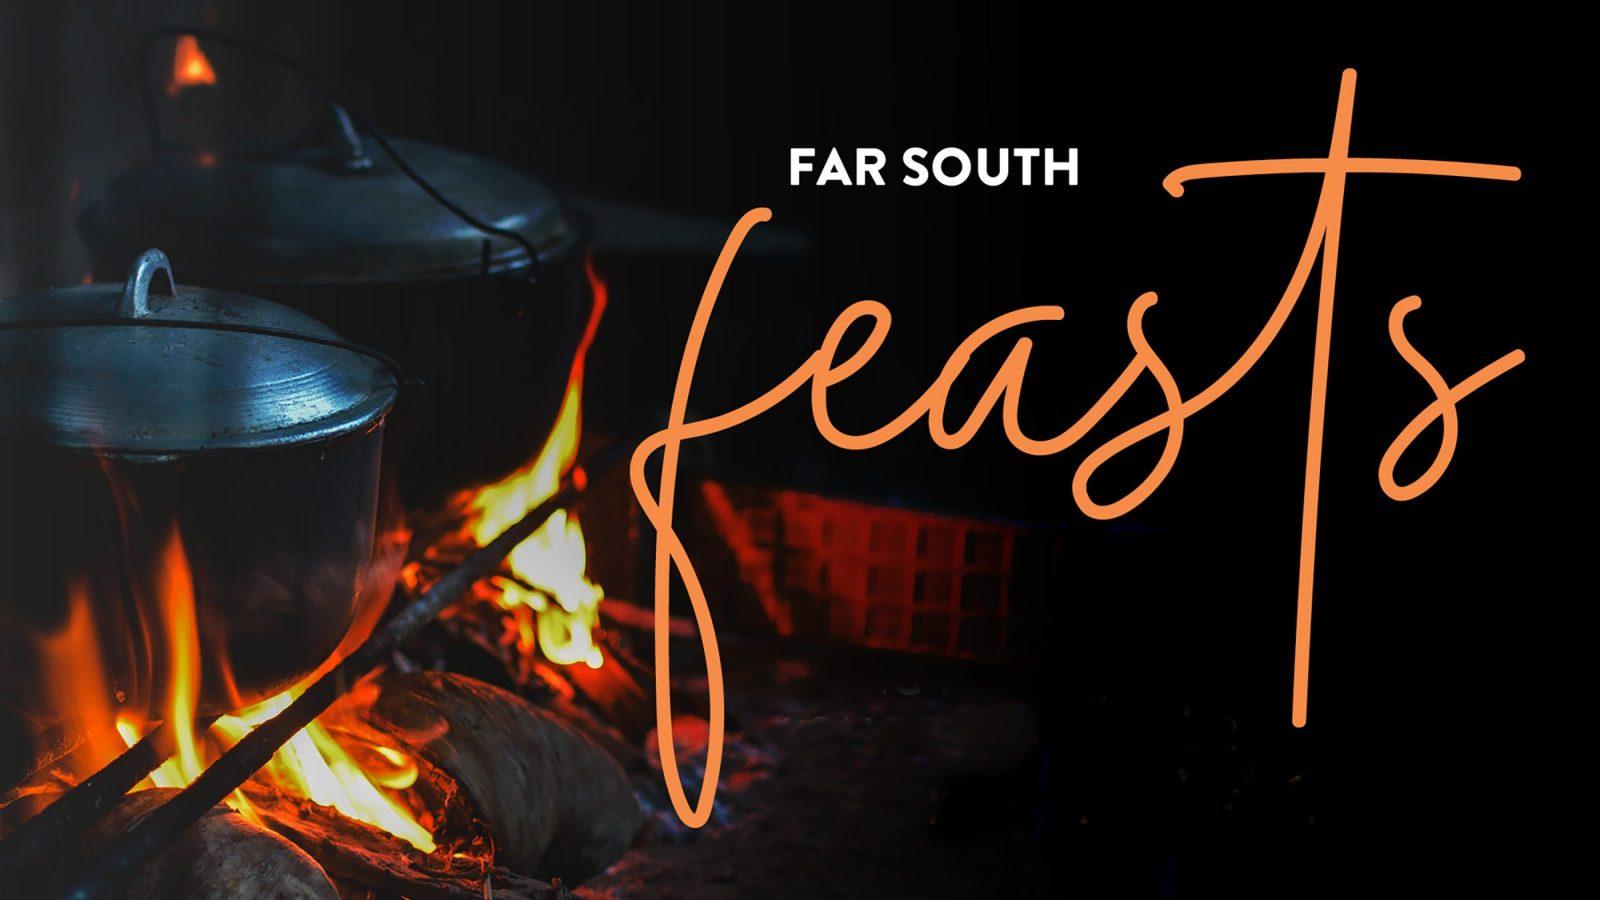 Far South Feasts